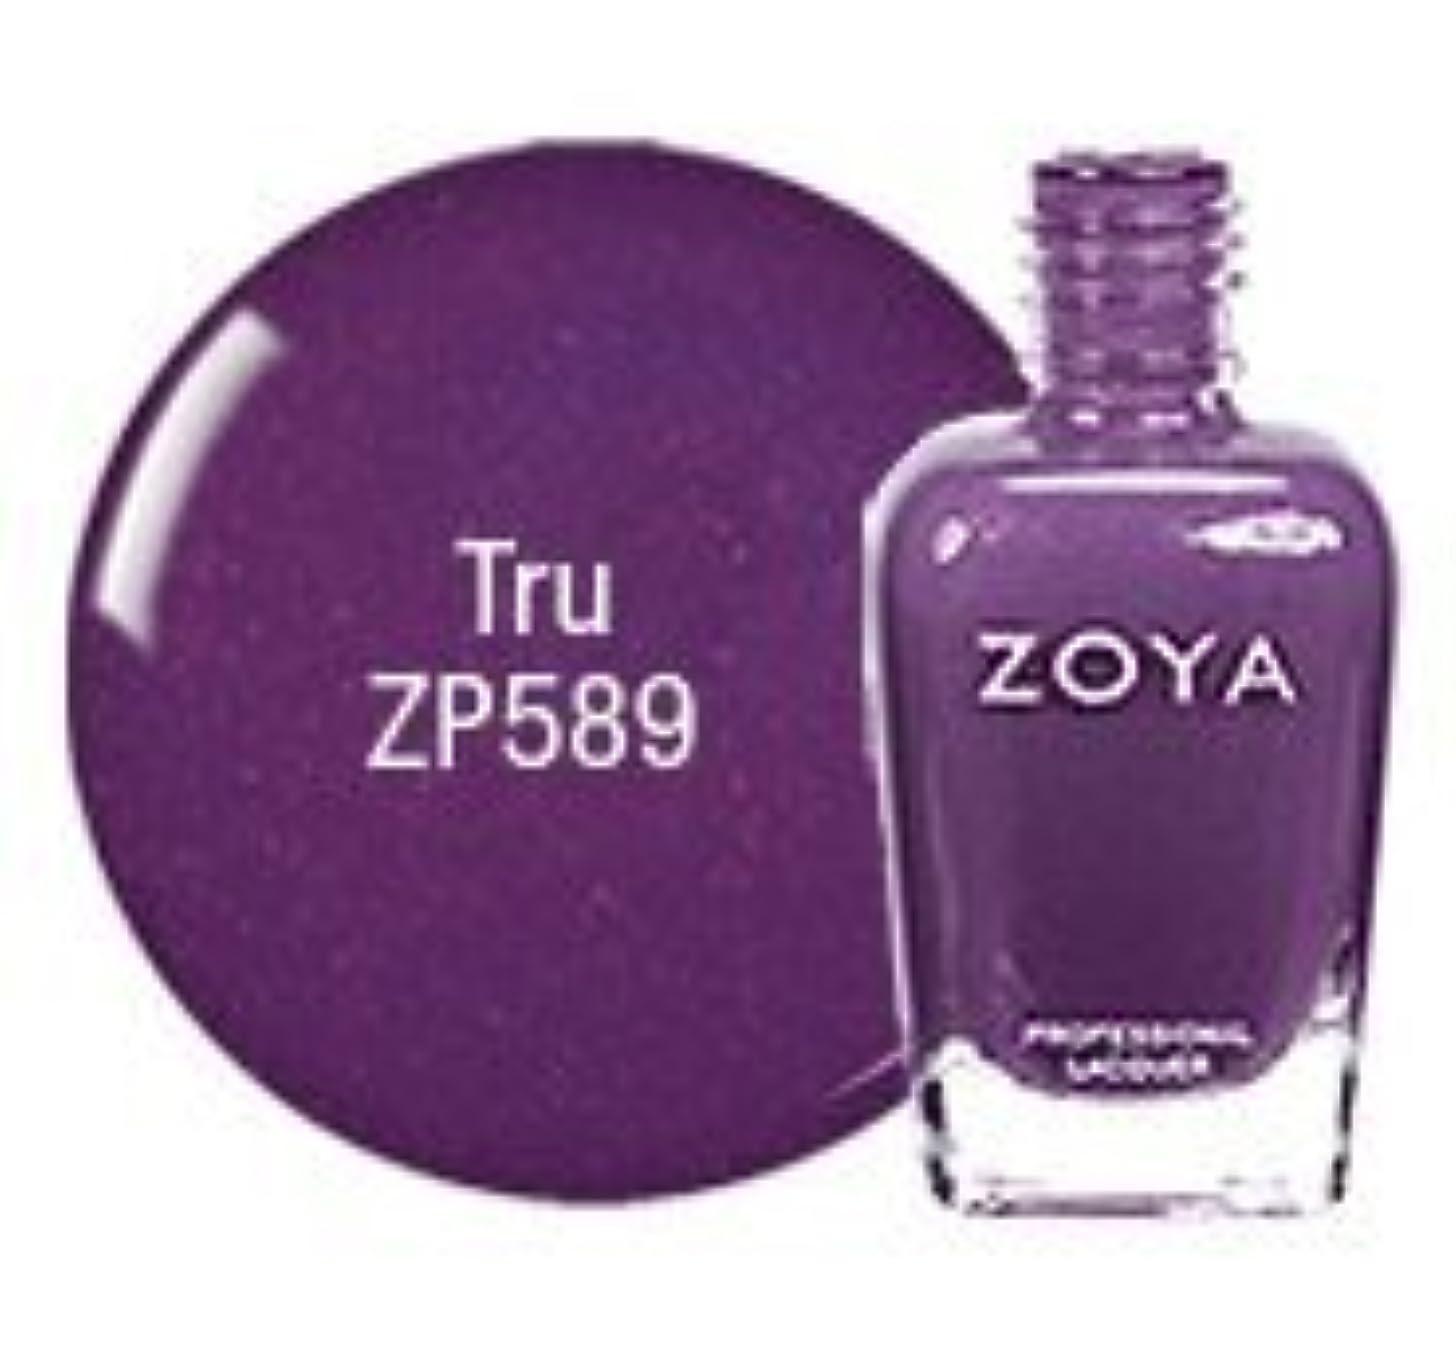 時代バー余計な[Zoya] ZP589 ツルー [True Collection][並行輸入品][海外直送品]